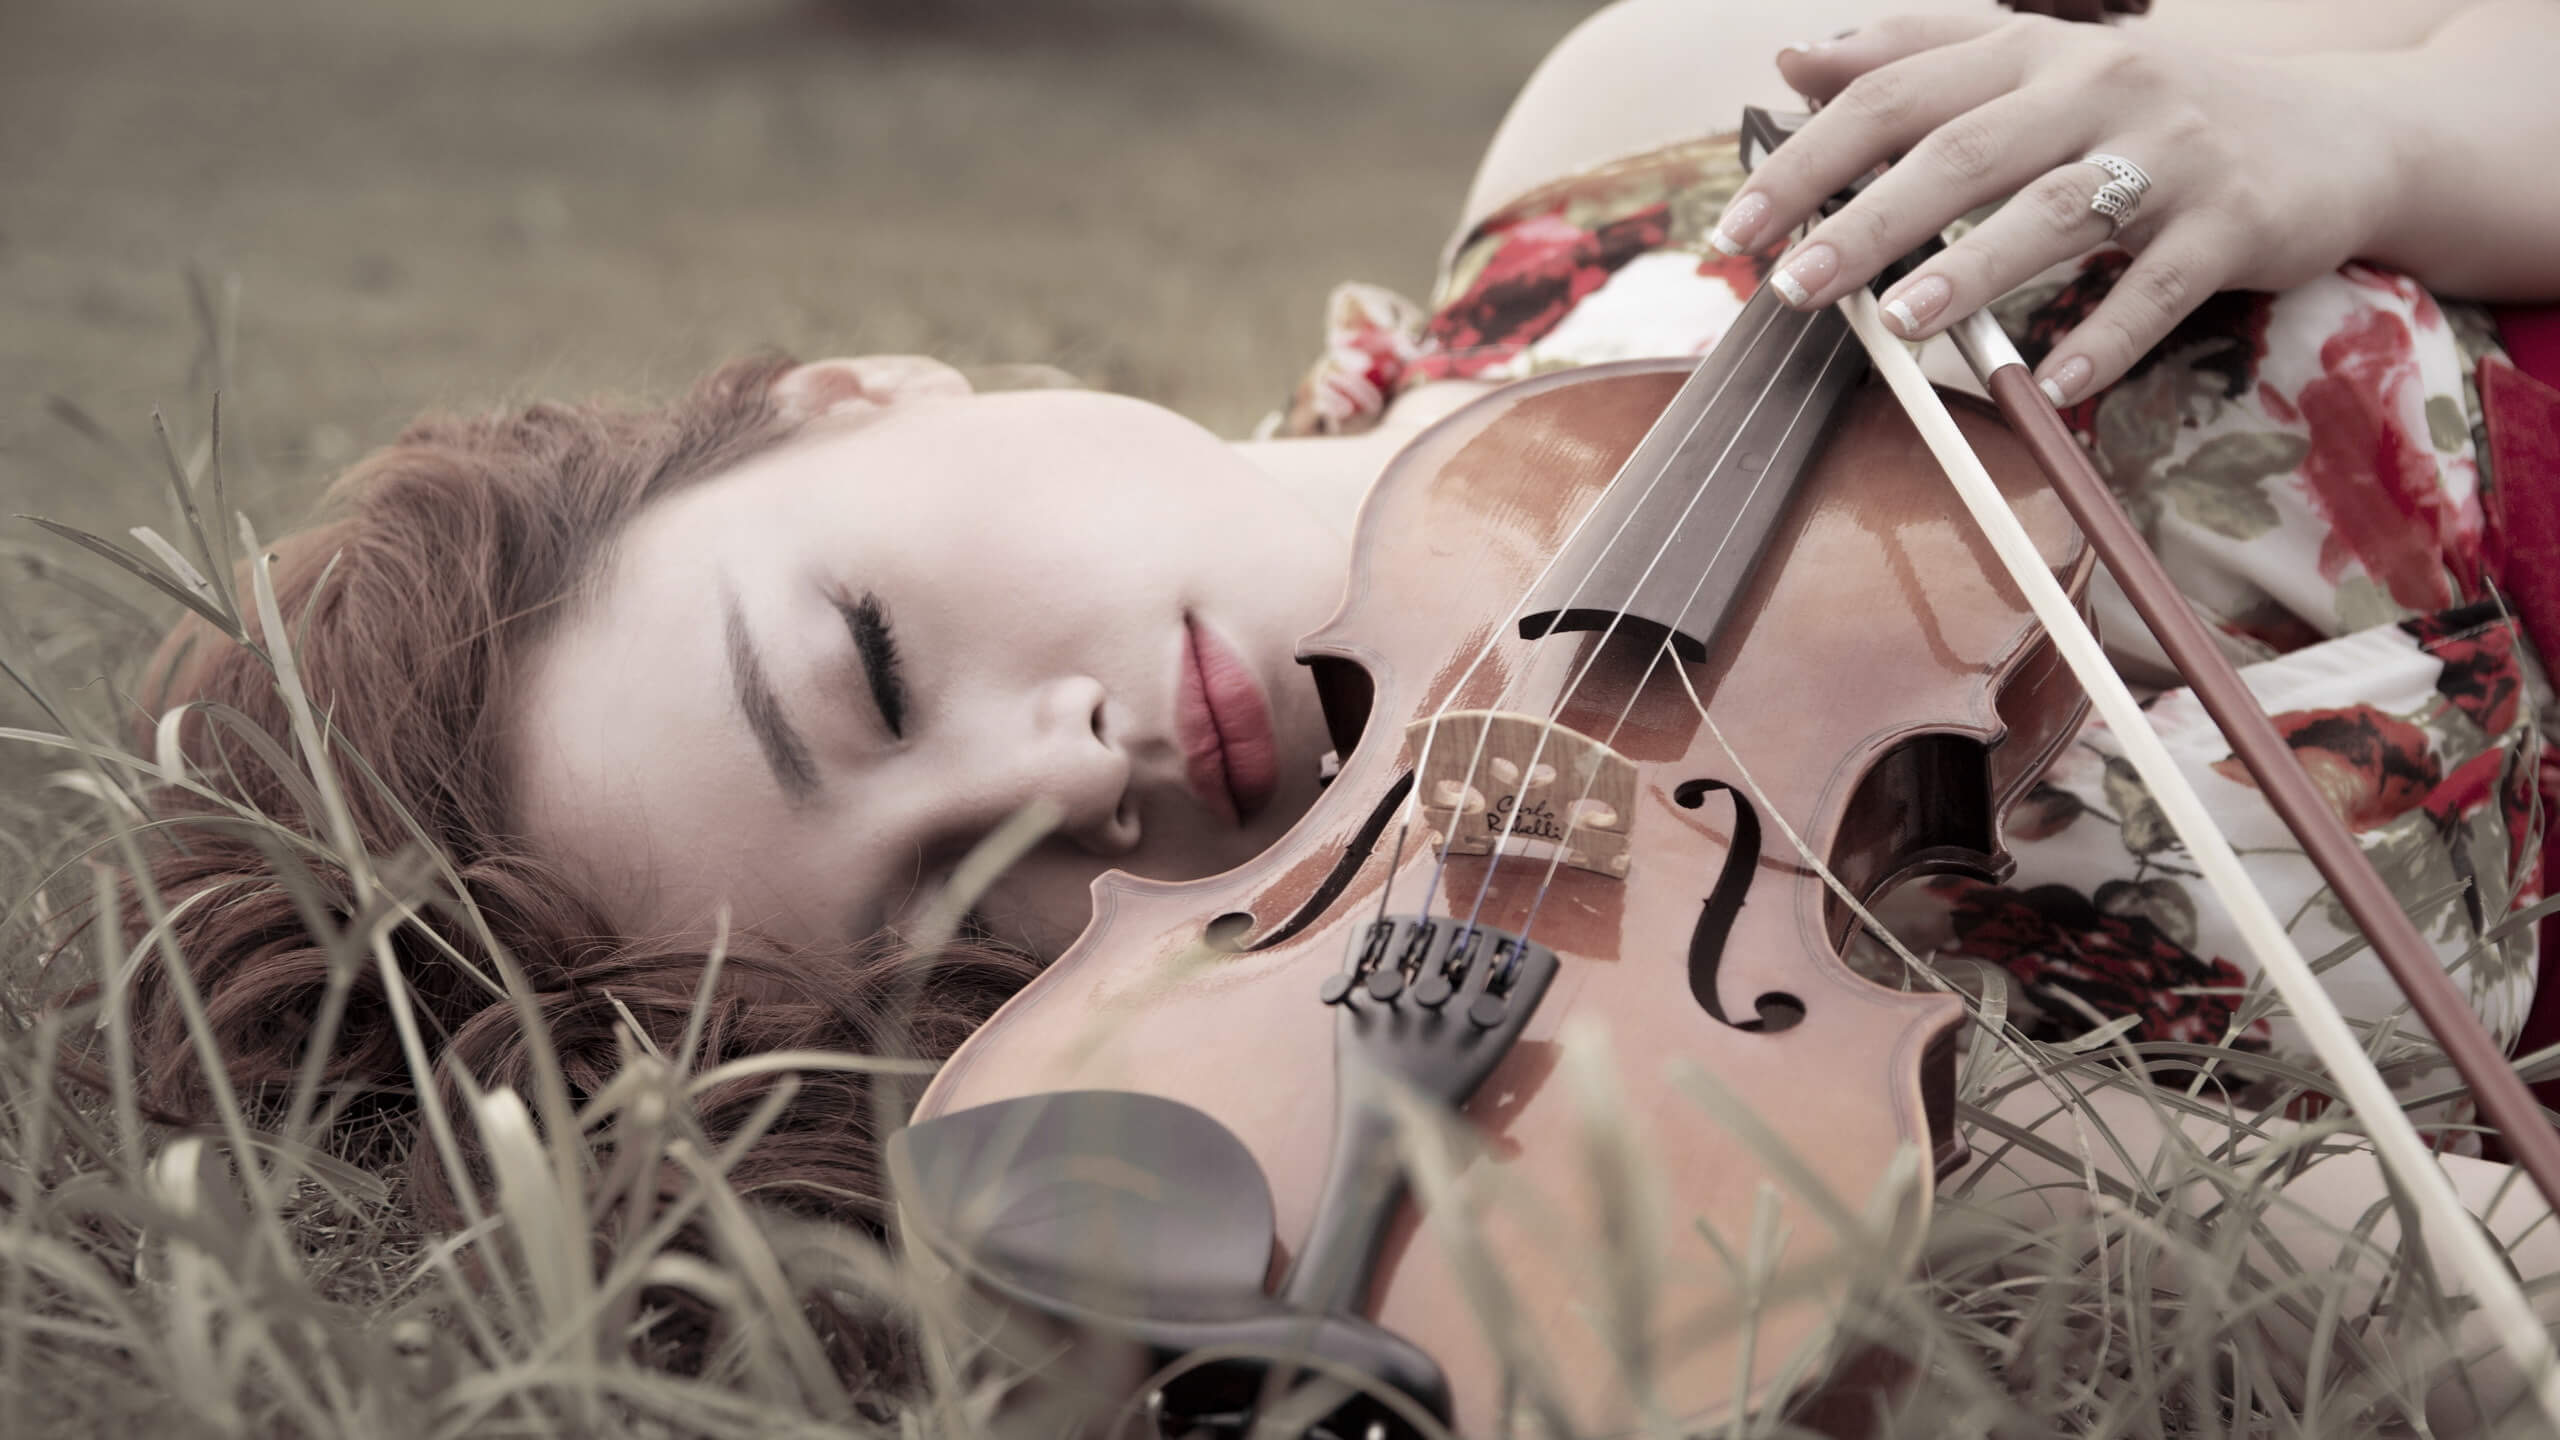 Прикольные картинки девушка и музыка, лучшие обои, фото (26 штук) 15